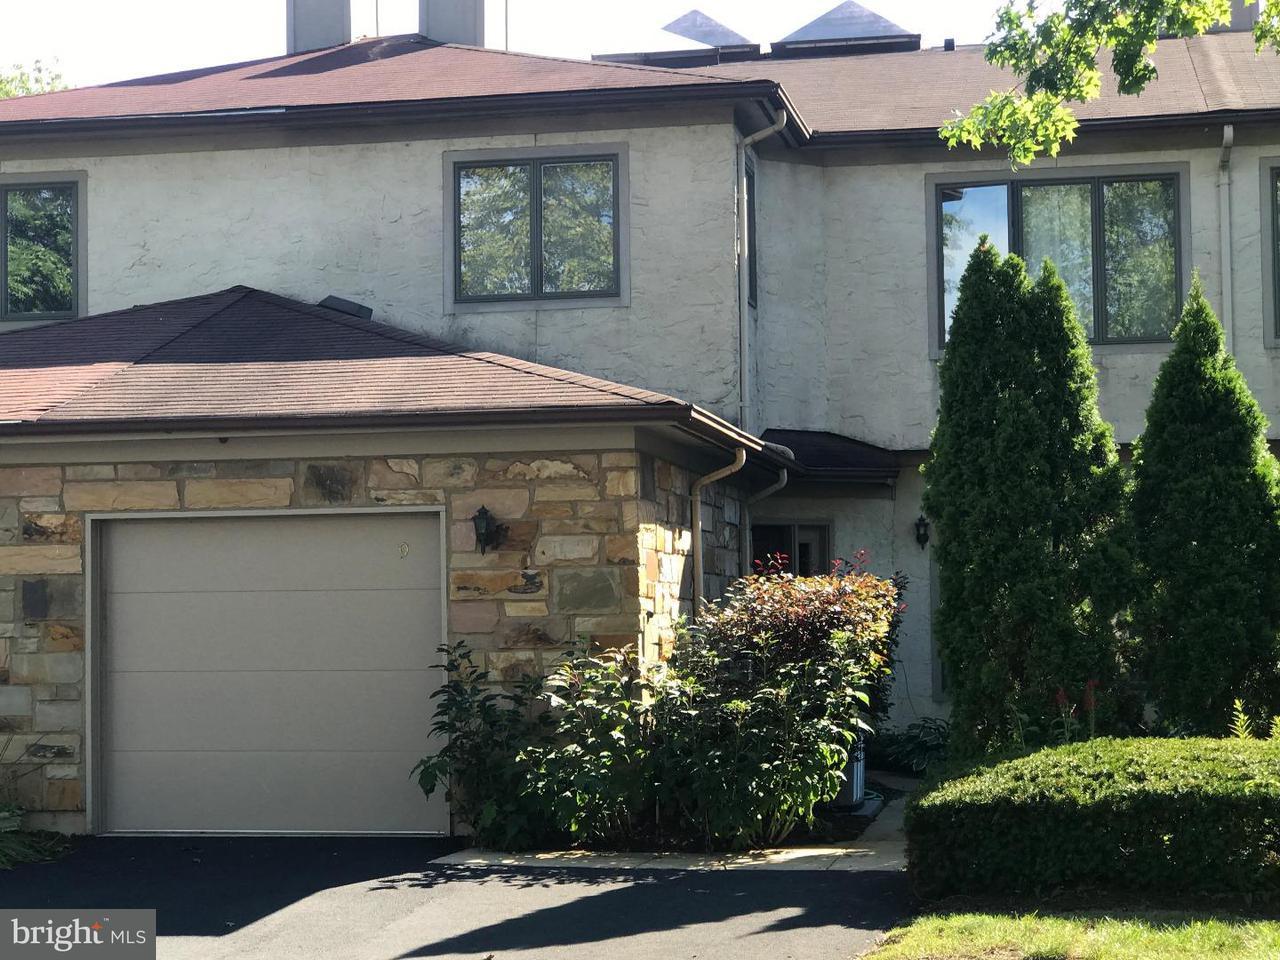 联栋屋 为 出租 在 9 JACKIE Drive 劳伦斯维尔, 新泽西州 08648 美国在/周边: Lawrence Township